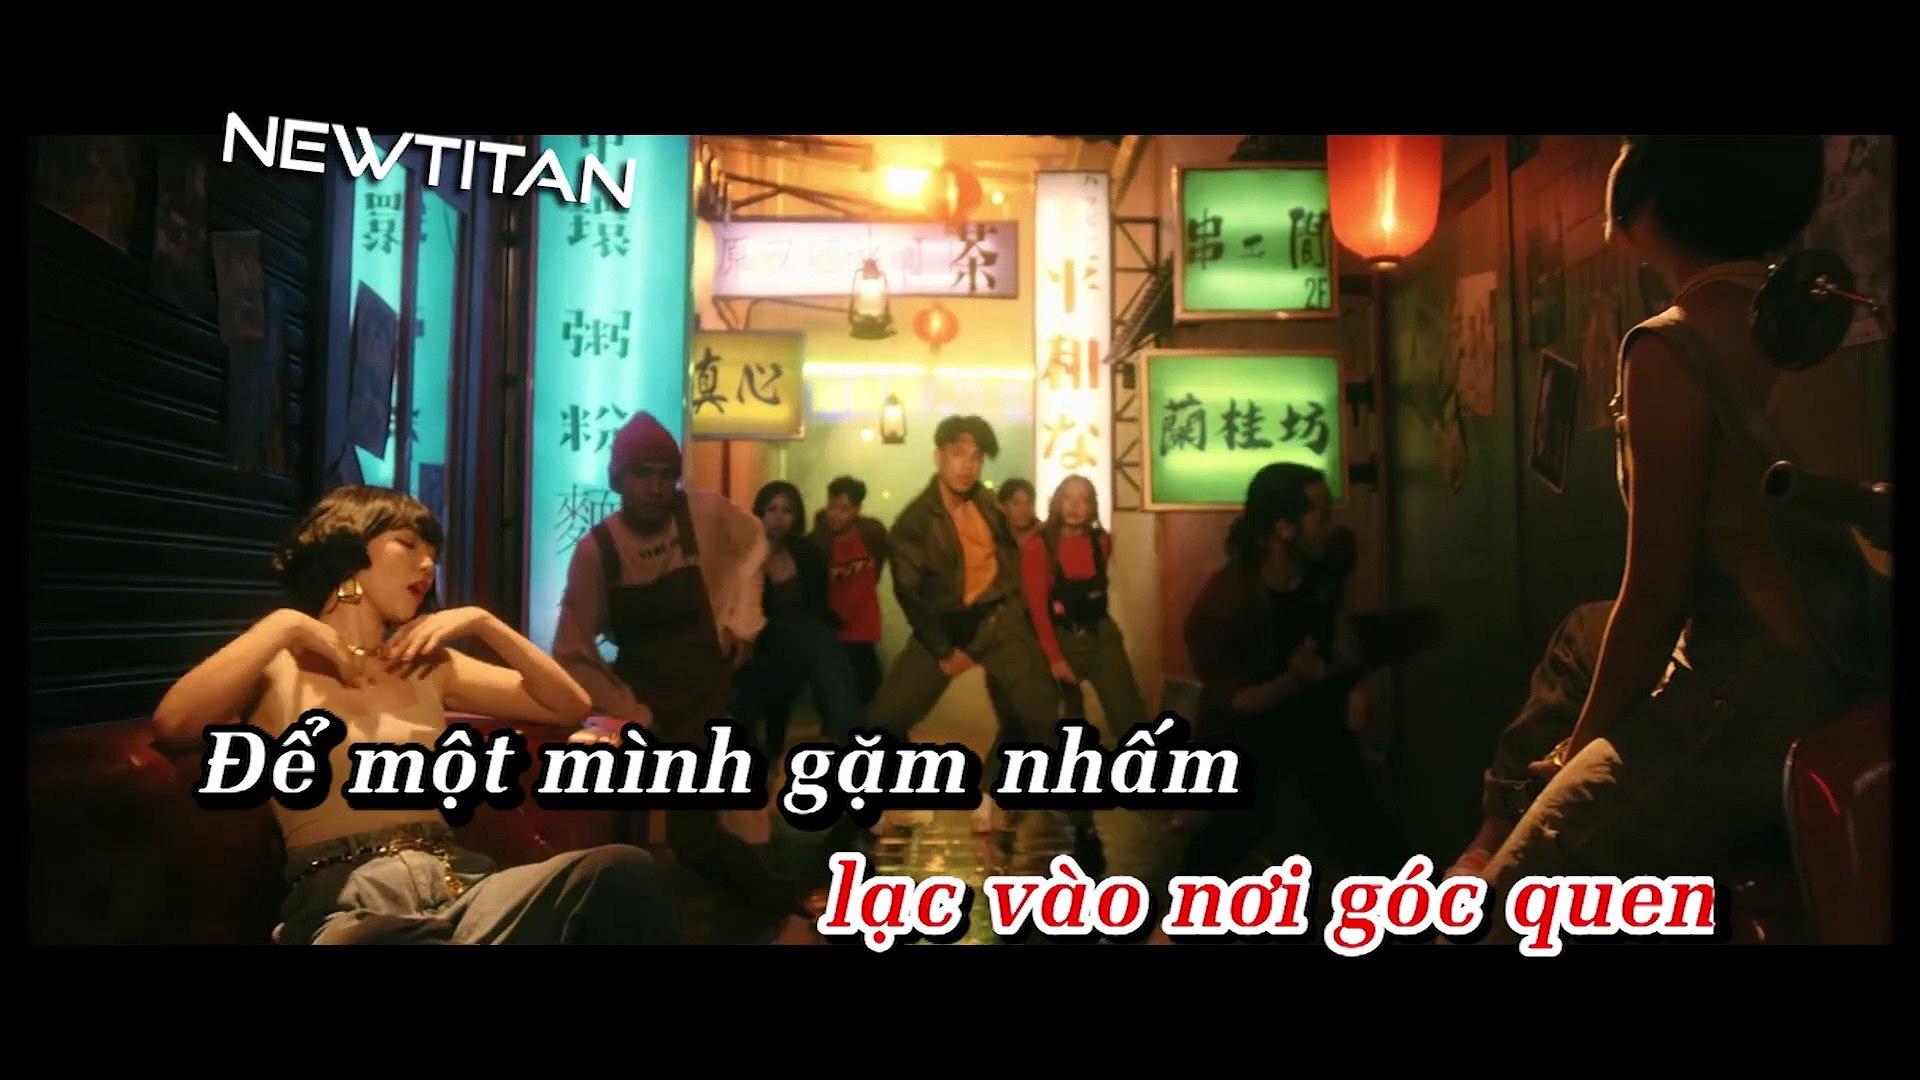 [Karaoke] Nước Mắt Em Lau Bằng Tình Yêu Mới - Dalab Ft. Tóc Tiên [Beat Tone Nữ]